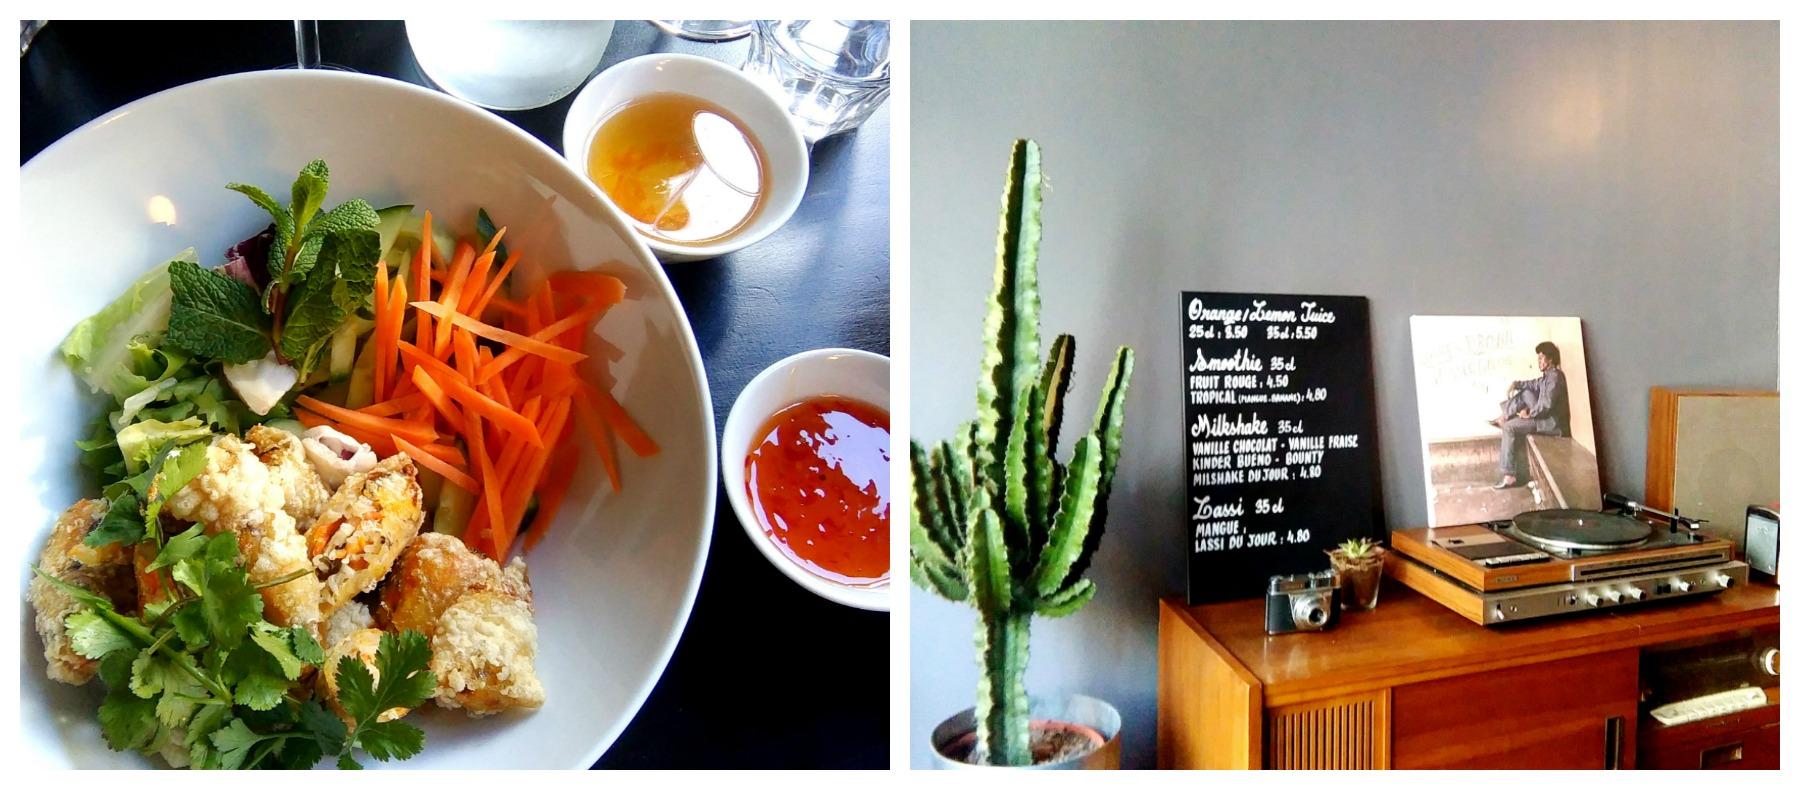 Nem vegan bordeaux epicerie bordelaise blog mimi - Blog mimi cuisine ...